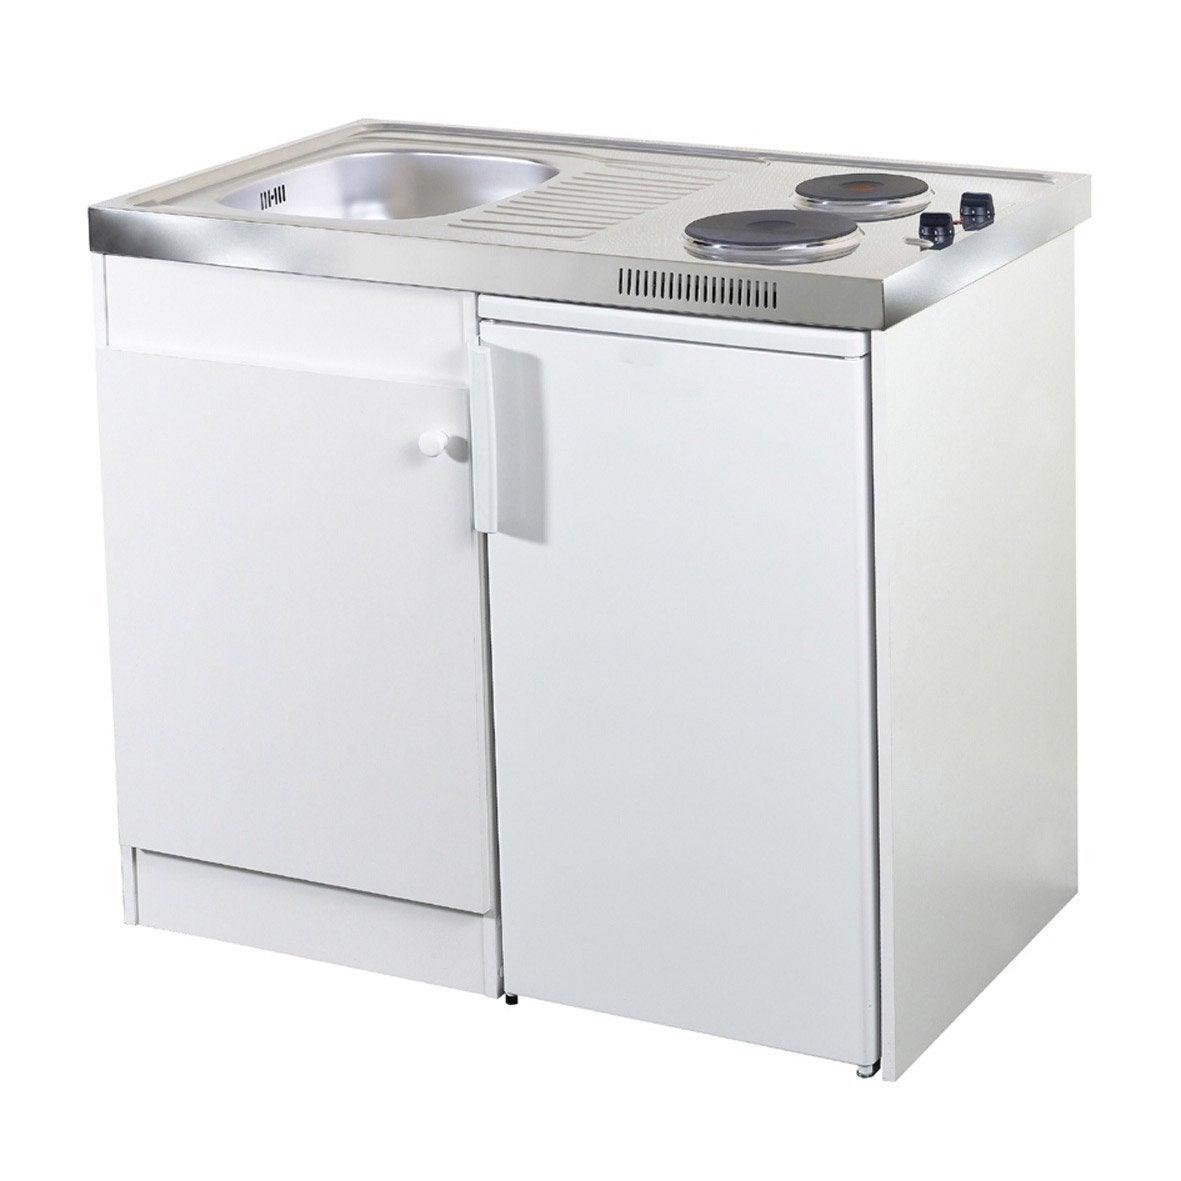 Elegant Kitchenette Electrique Blanc Spring H.92.5 X L.100 X P.60 Cm